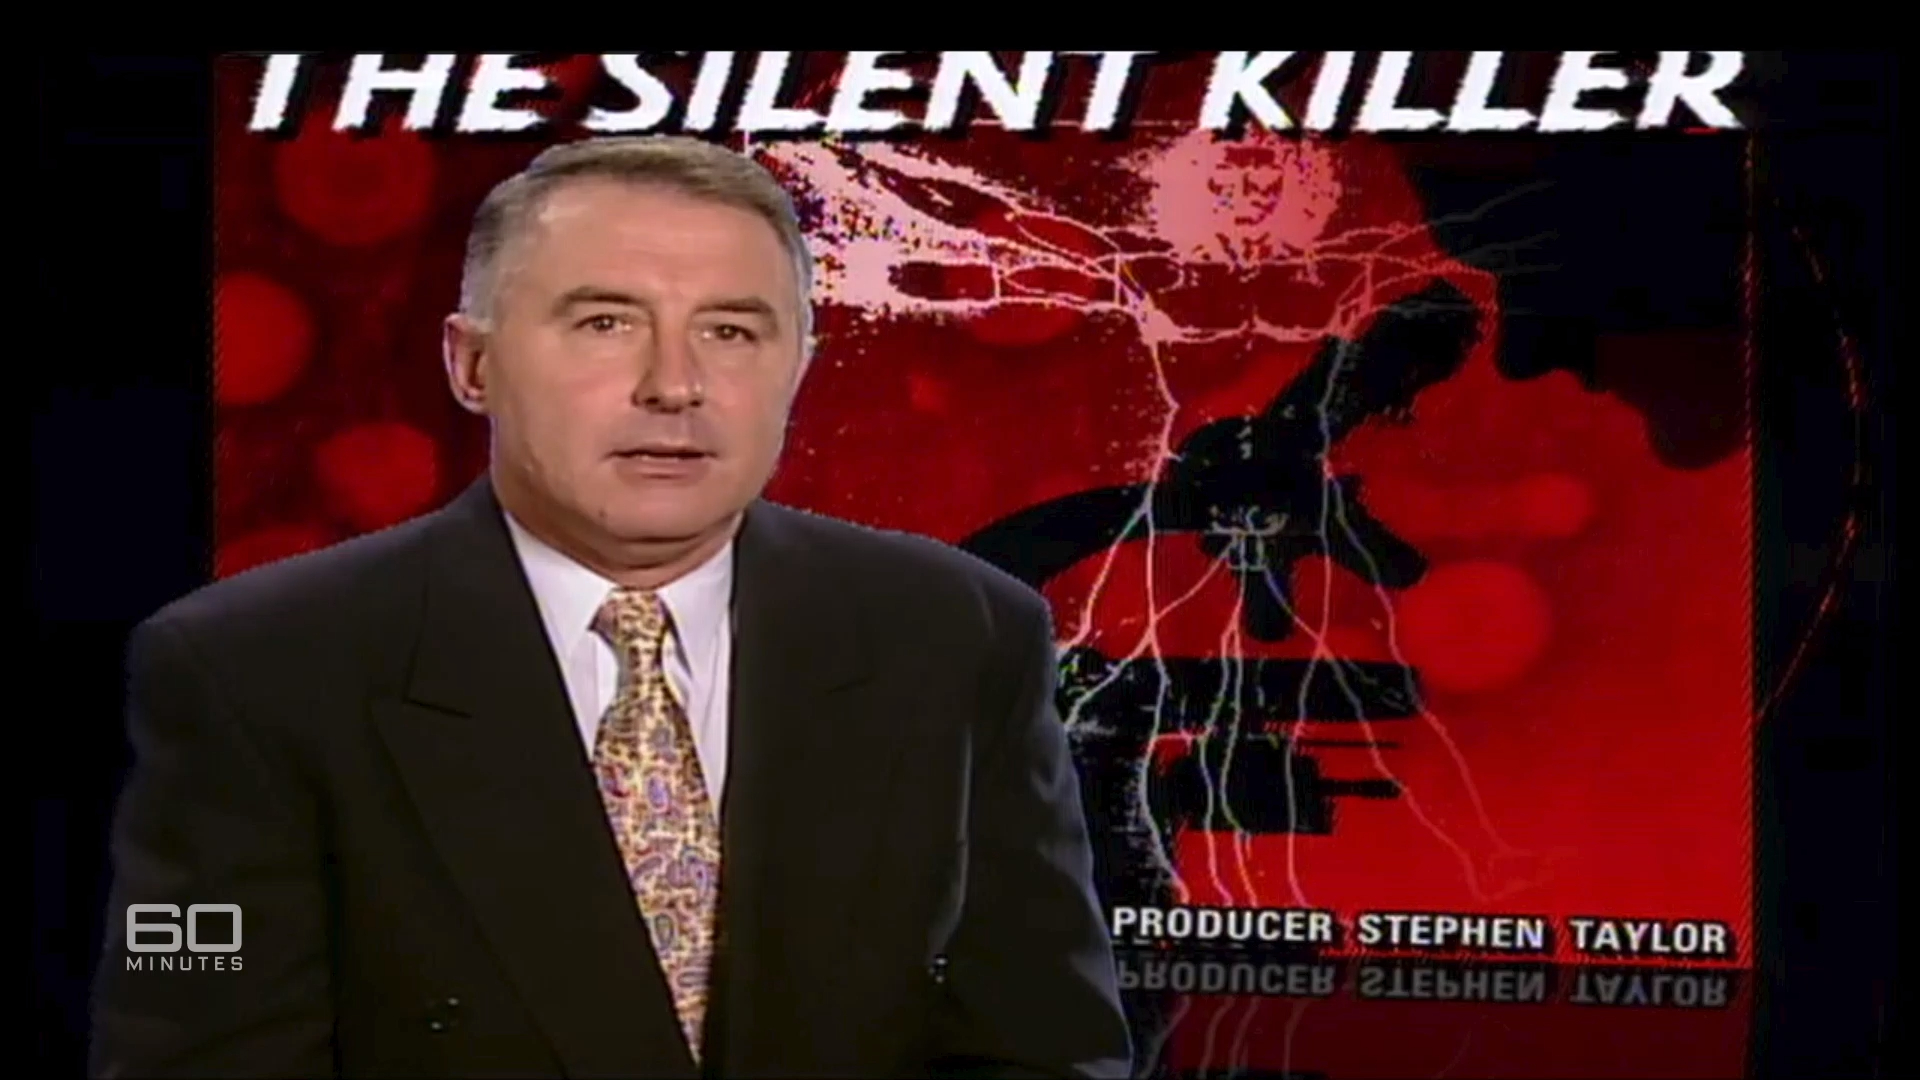 The Silent Killer (1997)